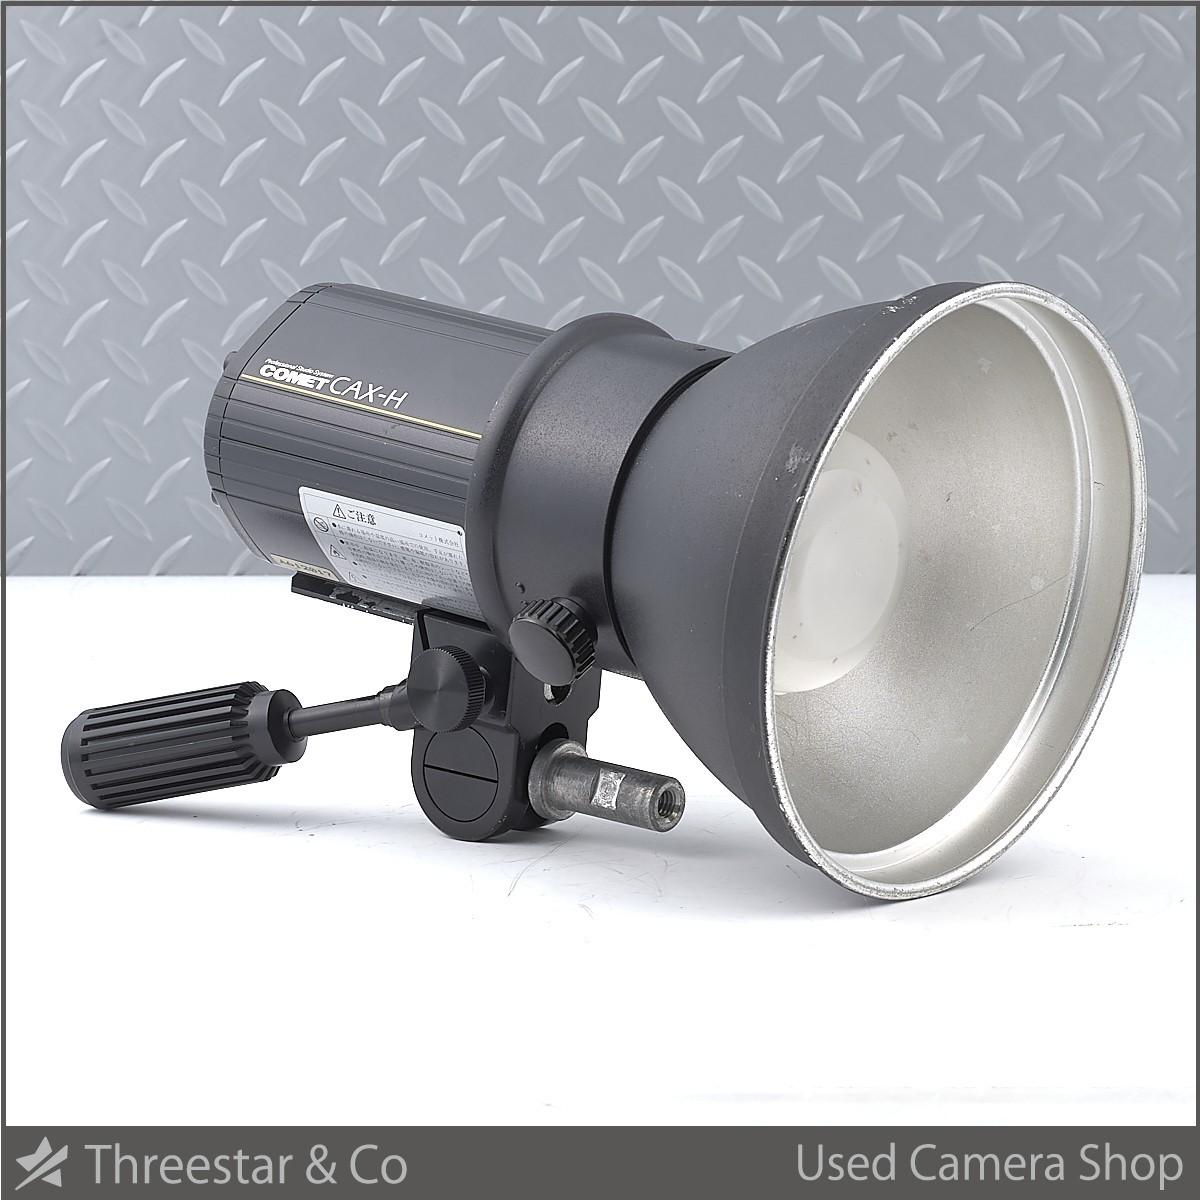 COMET コメット CAX-H 3200w 対応 フラッシュヘッド オススメ!!【1】